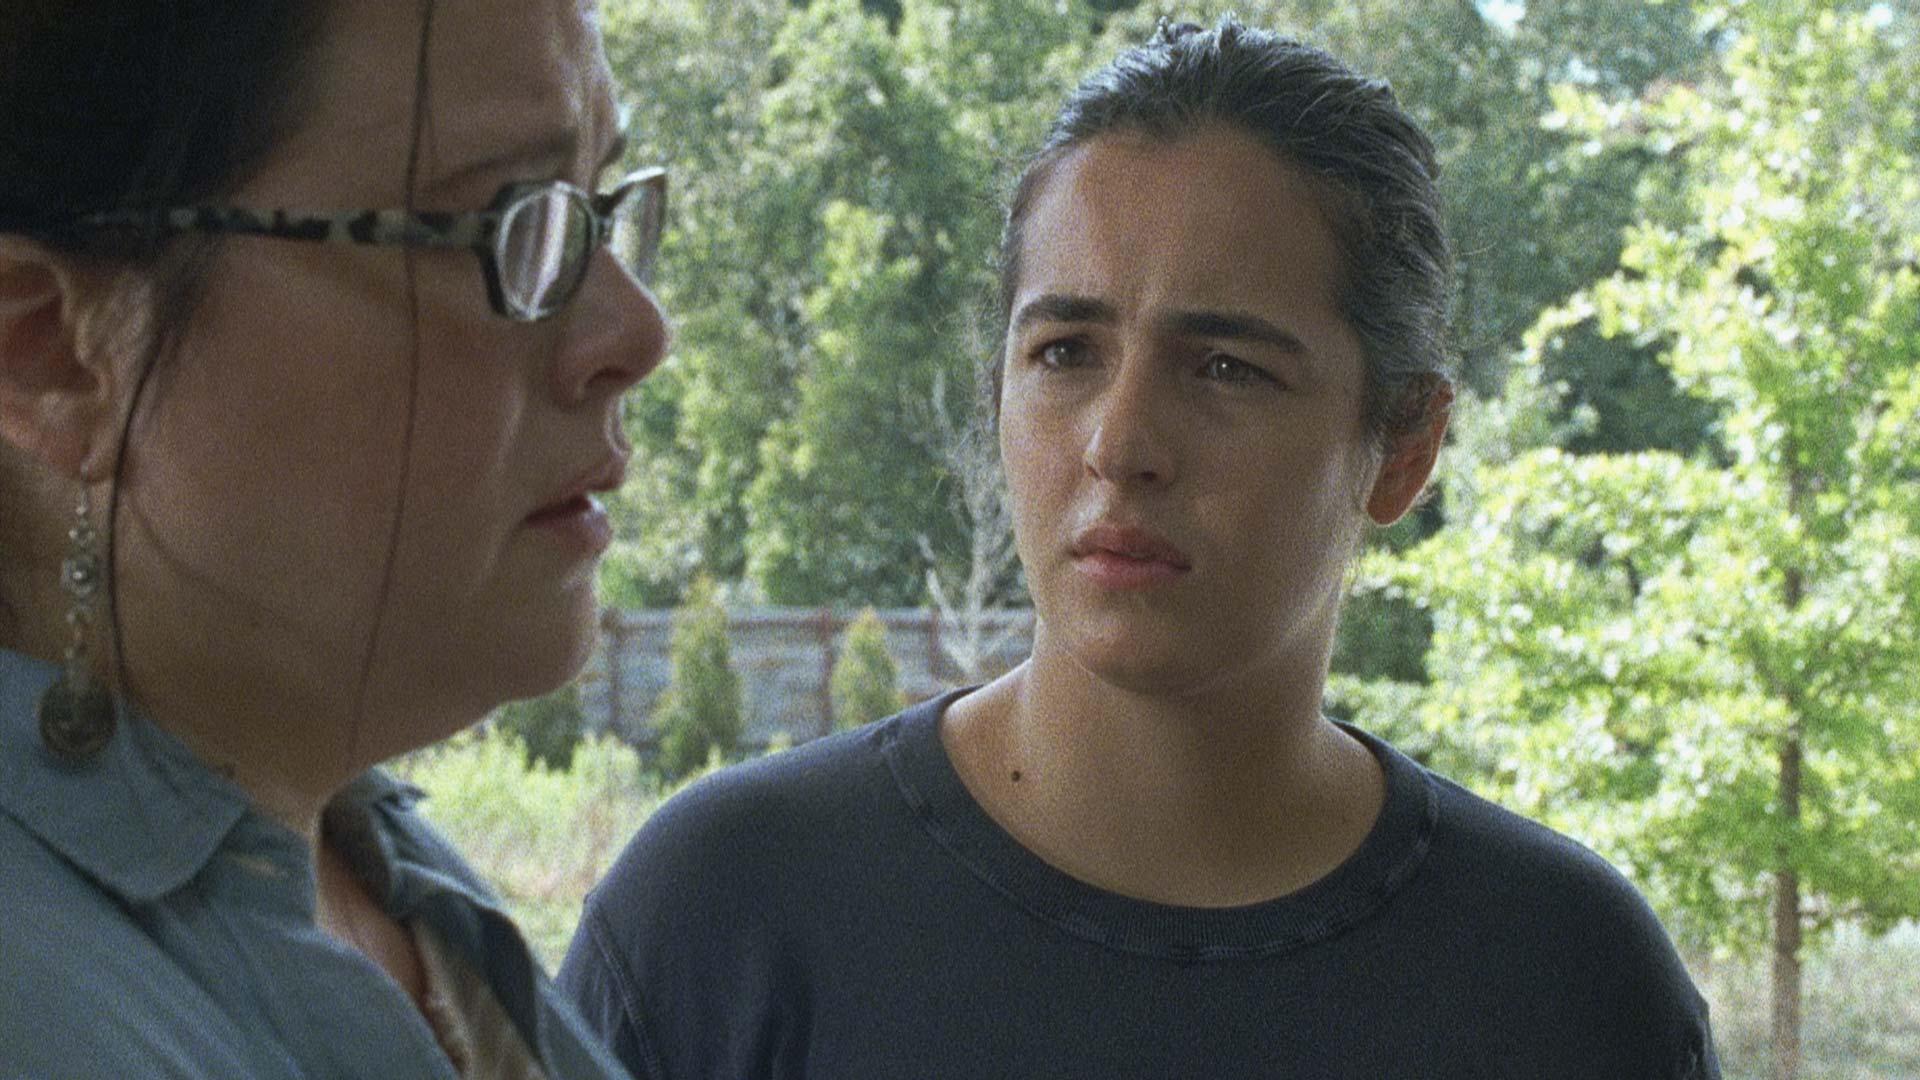 Being human season 3 episode 8 2011 - Sneak Peek Of The Walking Dead Season 7 Episode 8